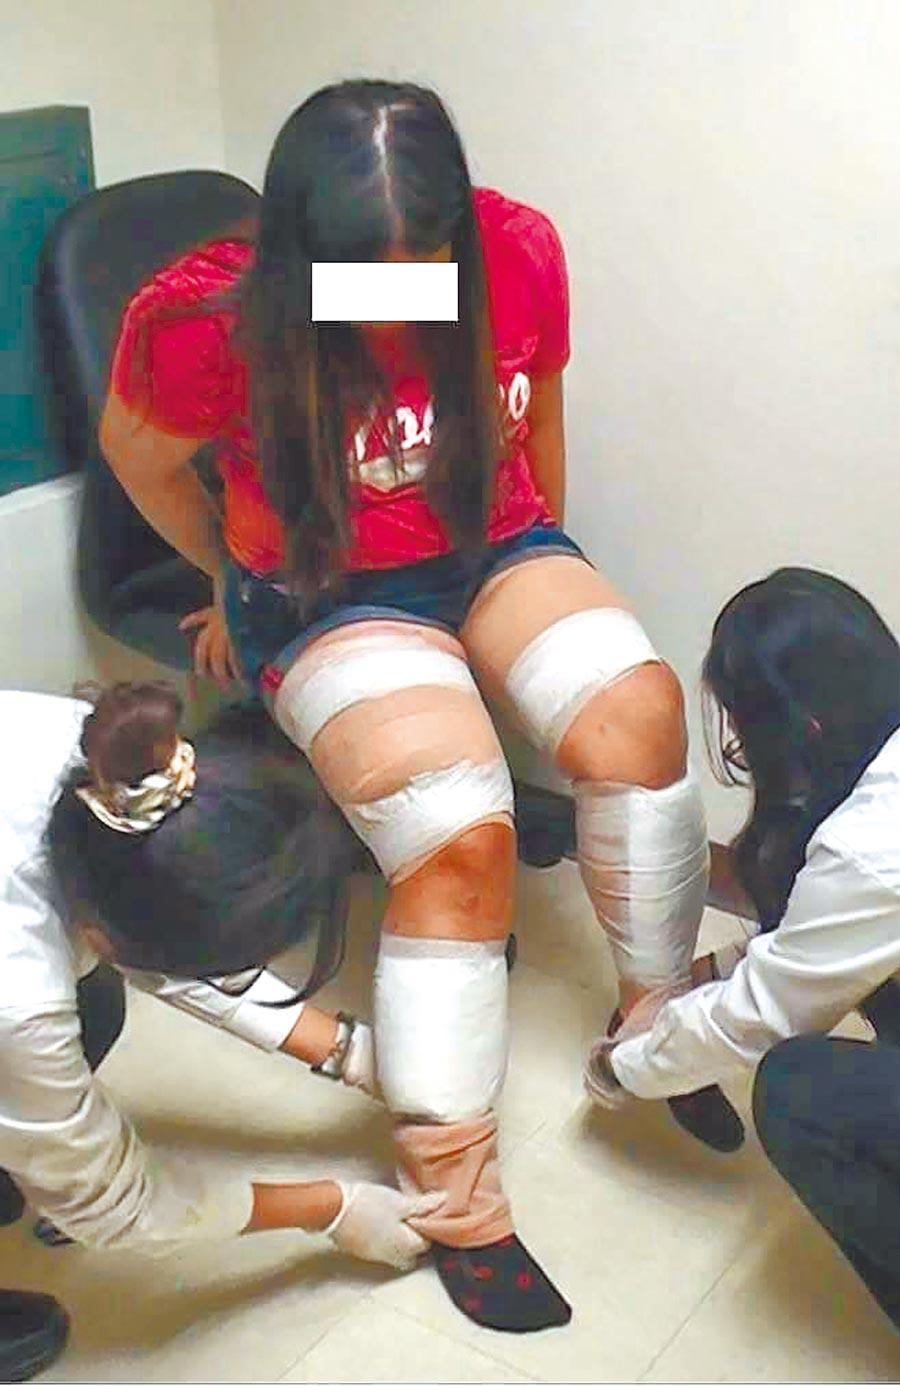 外國人來台涉毒案持續增加,圖為馬來西亞籍旅客涉嫌用彈性繃帶將毒品綁在大小腿自高雄國際機場闖關遭查獲。(本報資料照片)(提醒您:拒絕毒品,珍惜生命)